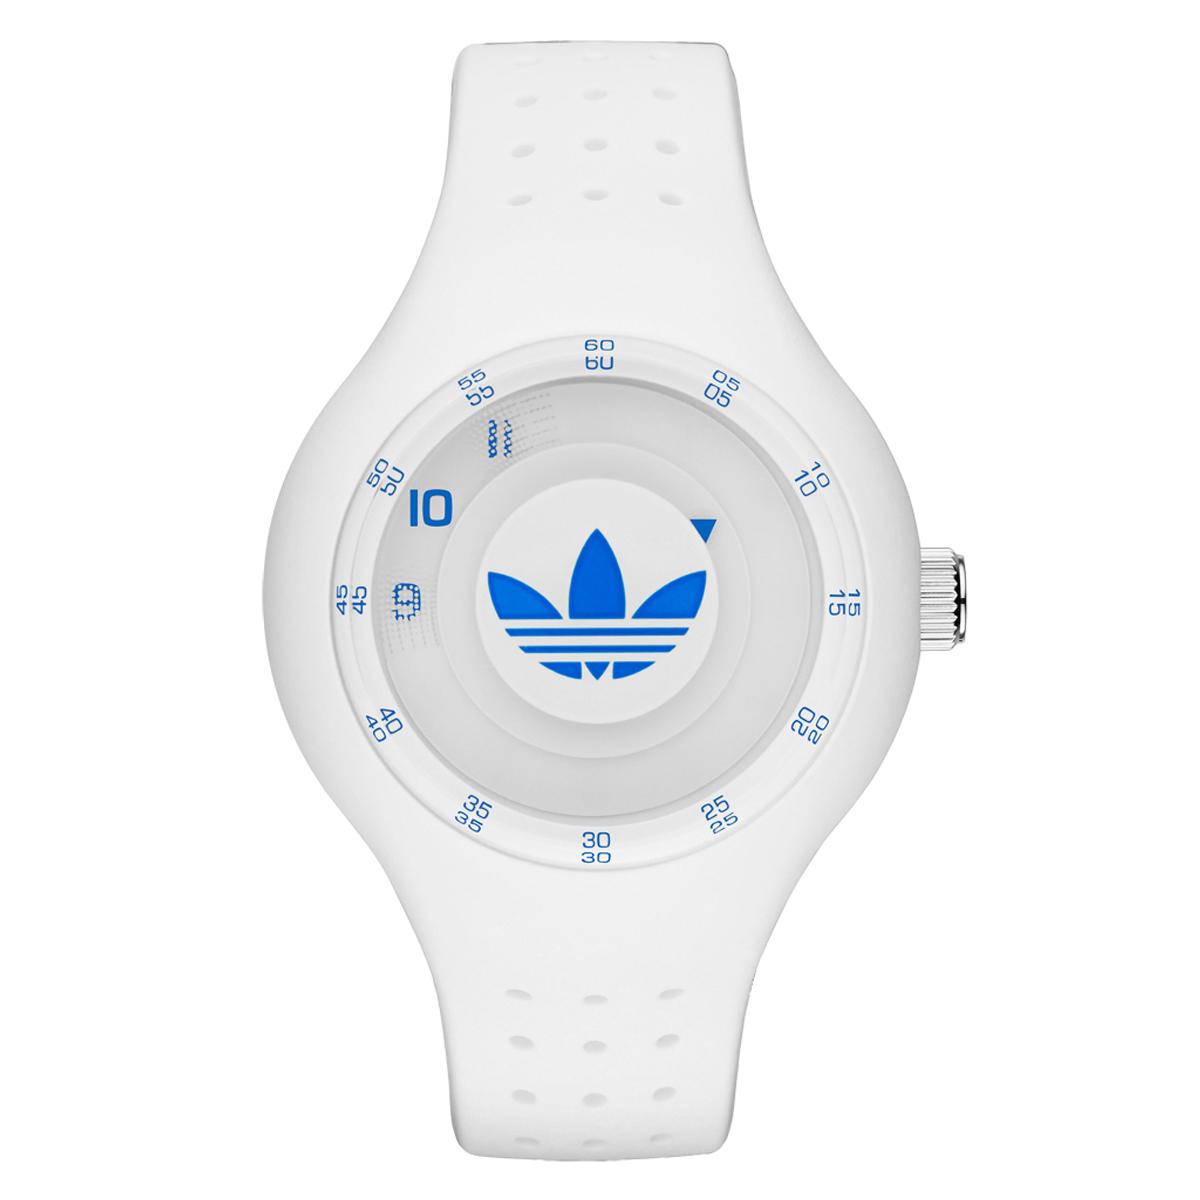 นาฬิกาผู้ชาย Adidas รุ่น ADH3058